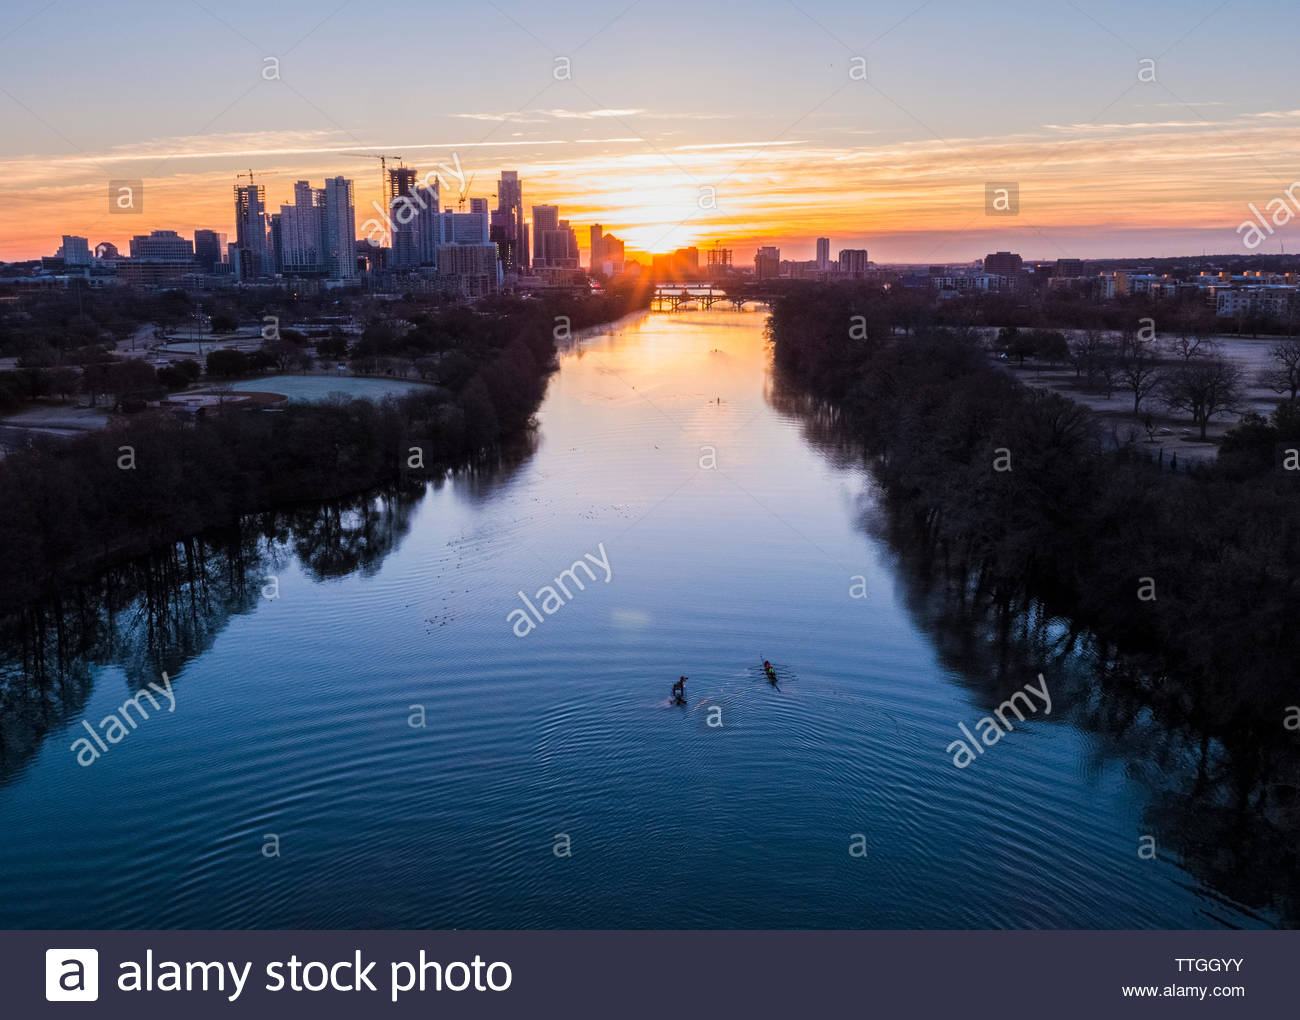 Sunrise on Ladybird Lake, Austin, TX 2018-01-24 - Stock Image